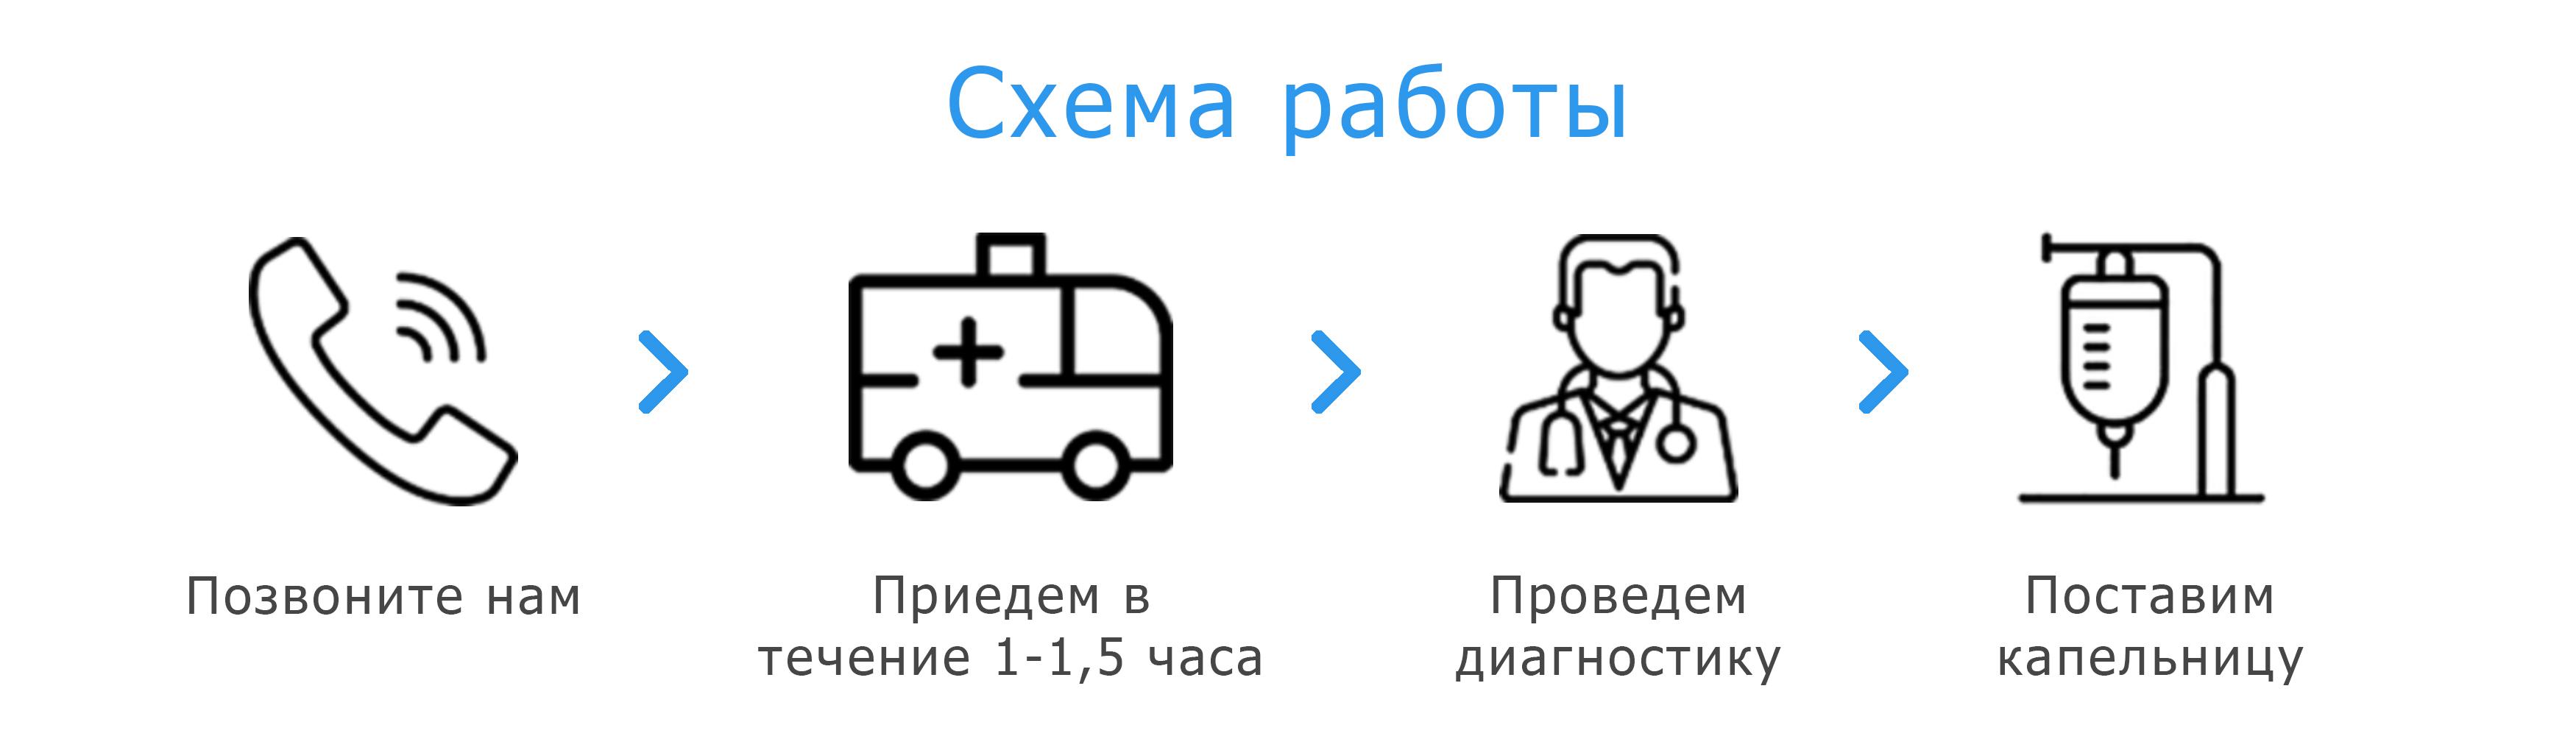 Схема работы постановки капельницы на дому врачами клиники medinhome